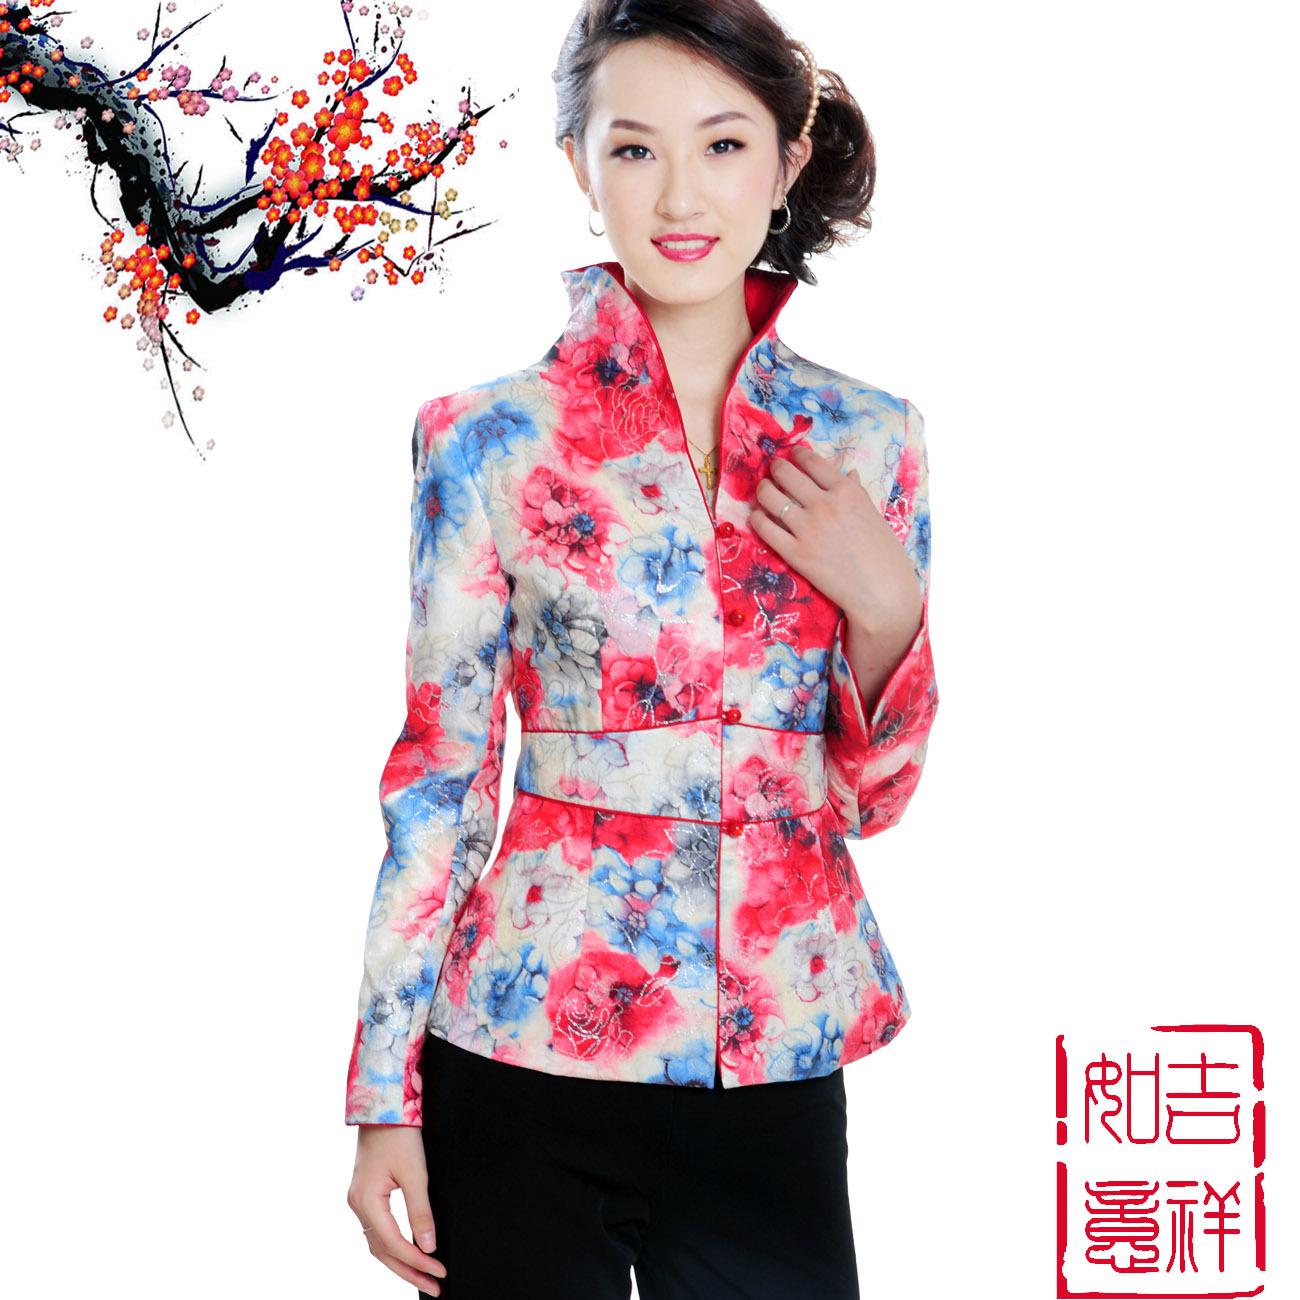 Блузка в китайском национальном стиле Г-жа Тан костюм Весна Весна Весна куртки/пальто нового 2012 Ms танских китайцев, красный